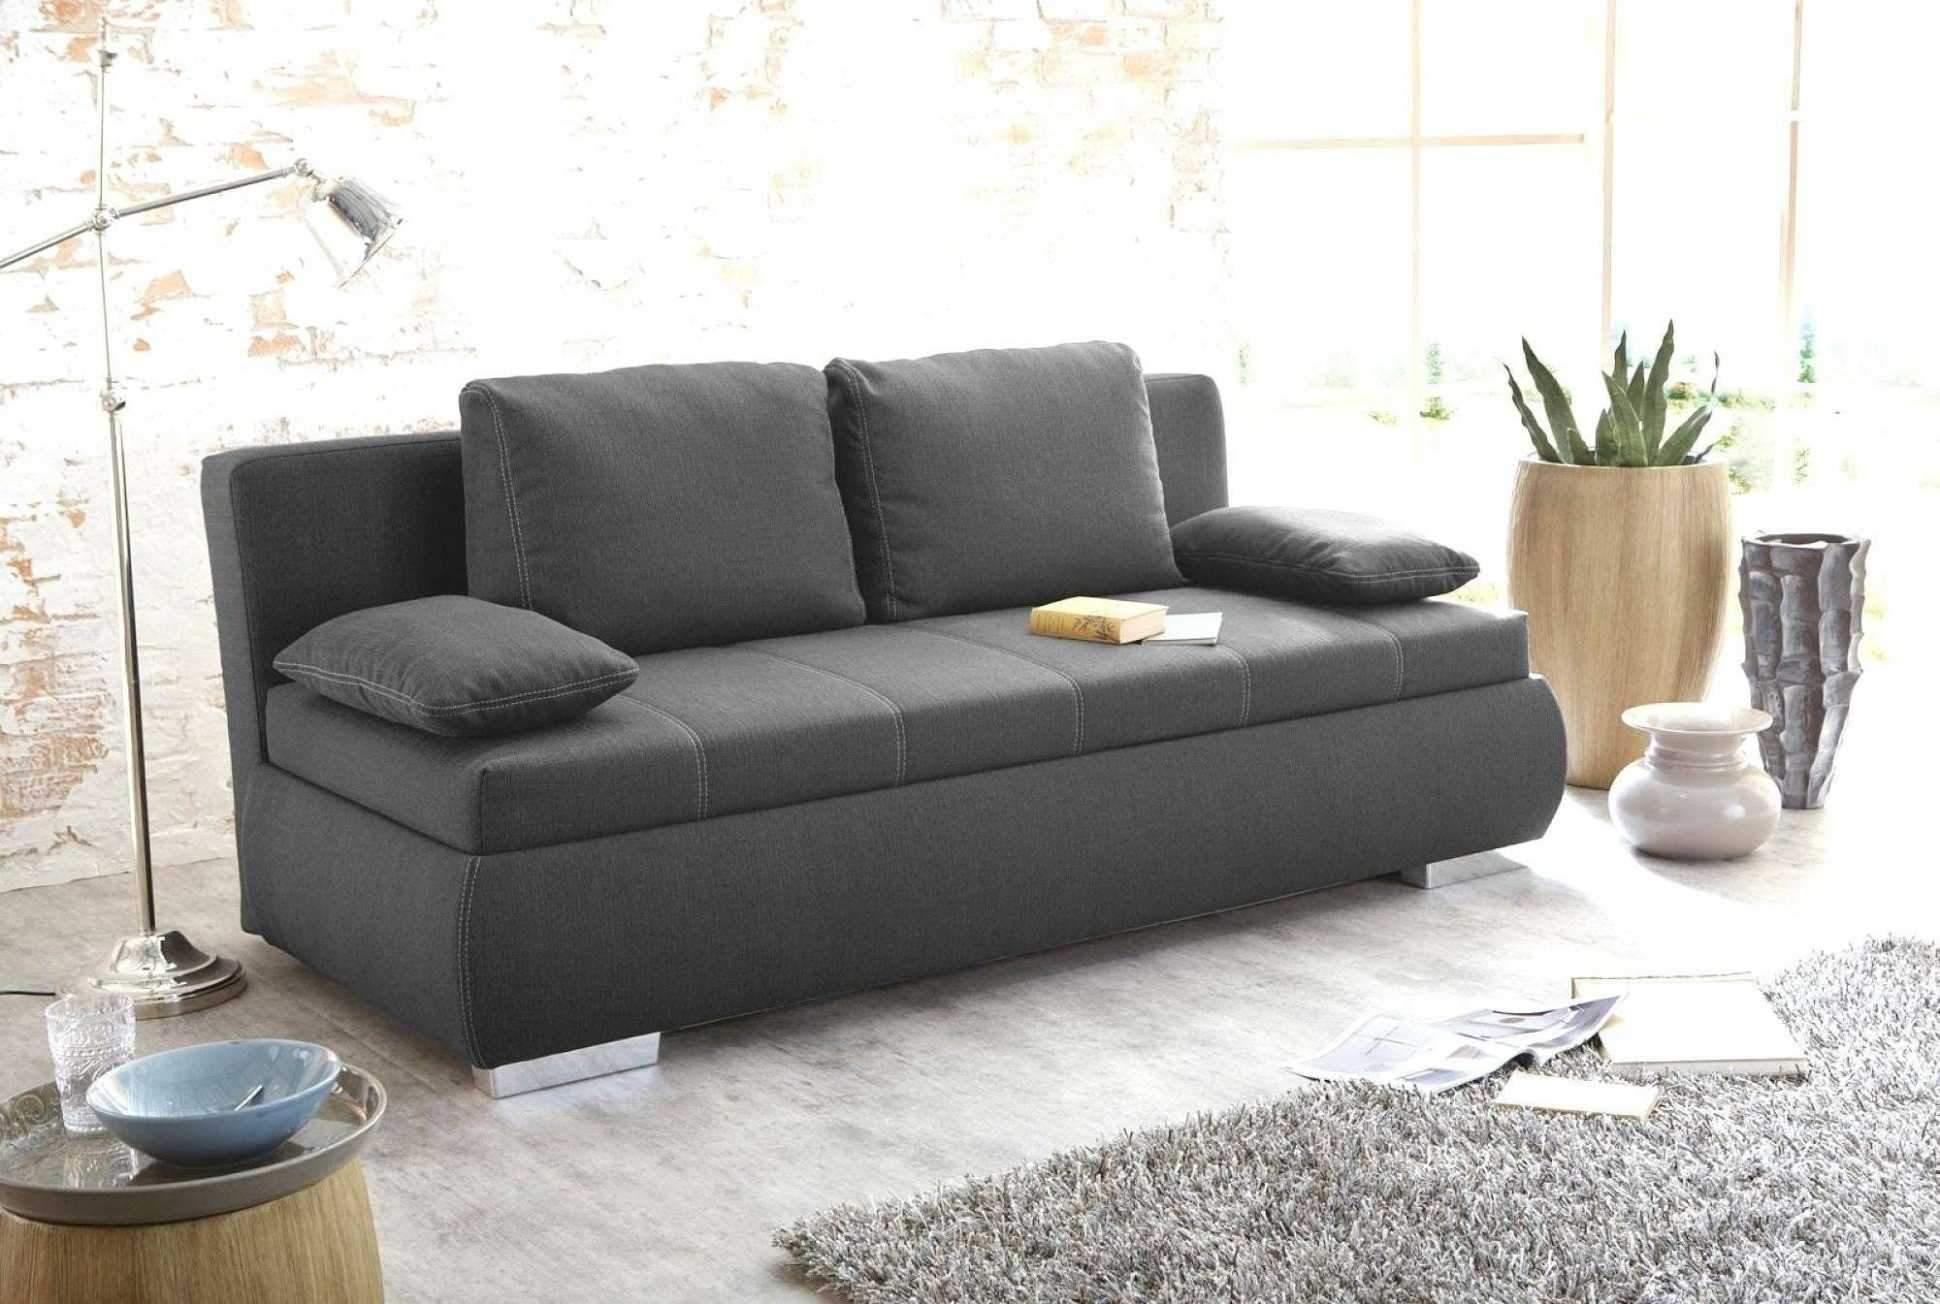 wohnzimmer grau grun luxus 40 luxus von sofa klein gunstig ideen of wohnzimmer grau grun